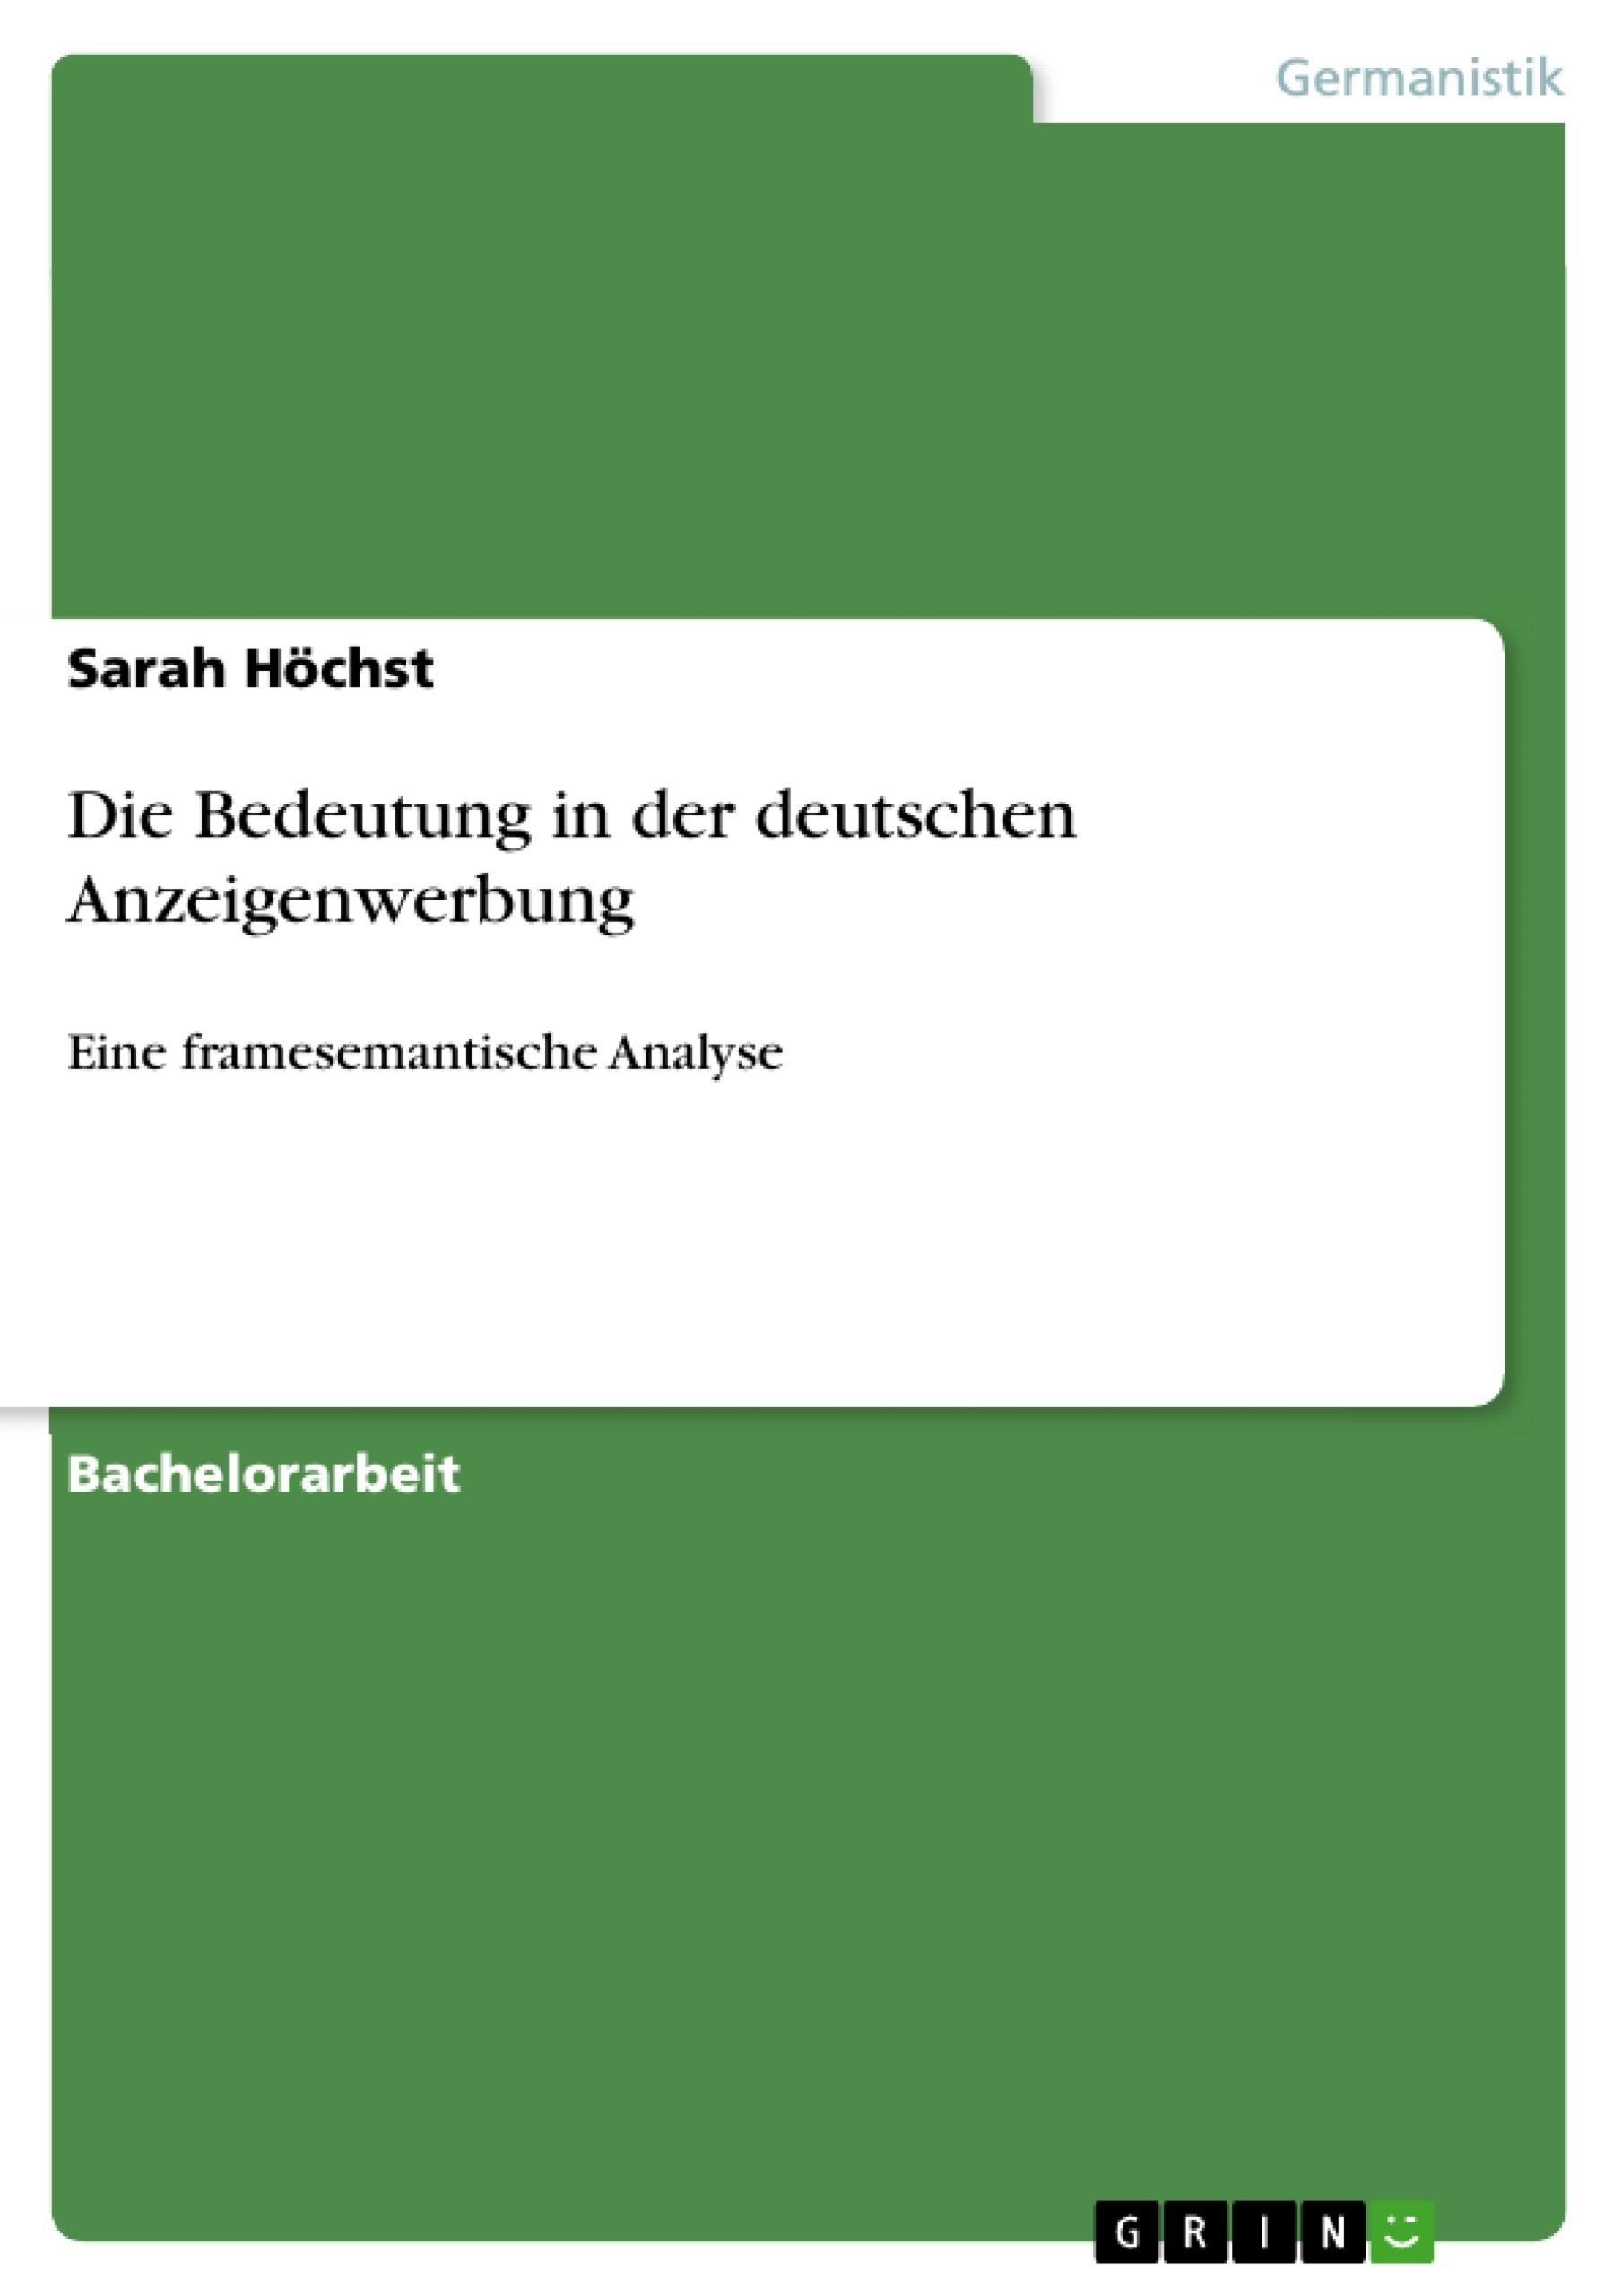 Titel: Die Bedeutung in der deutschen Anzeigenwerbung